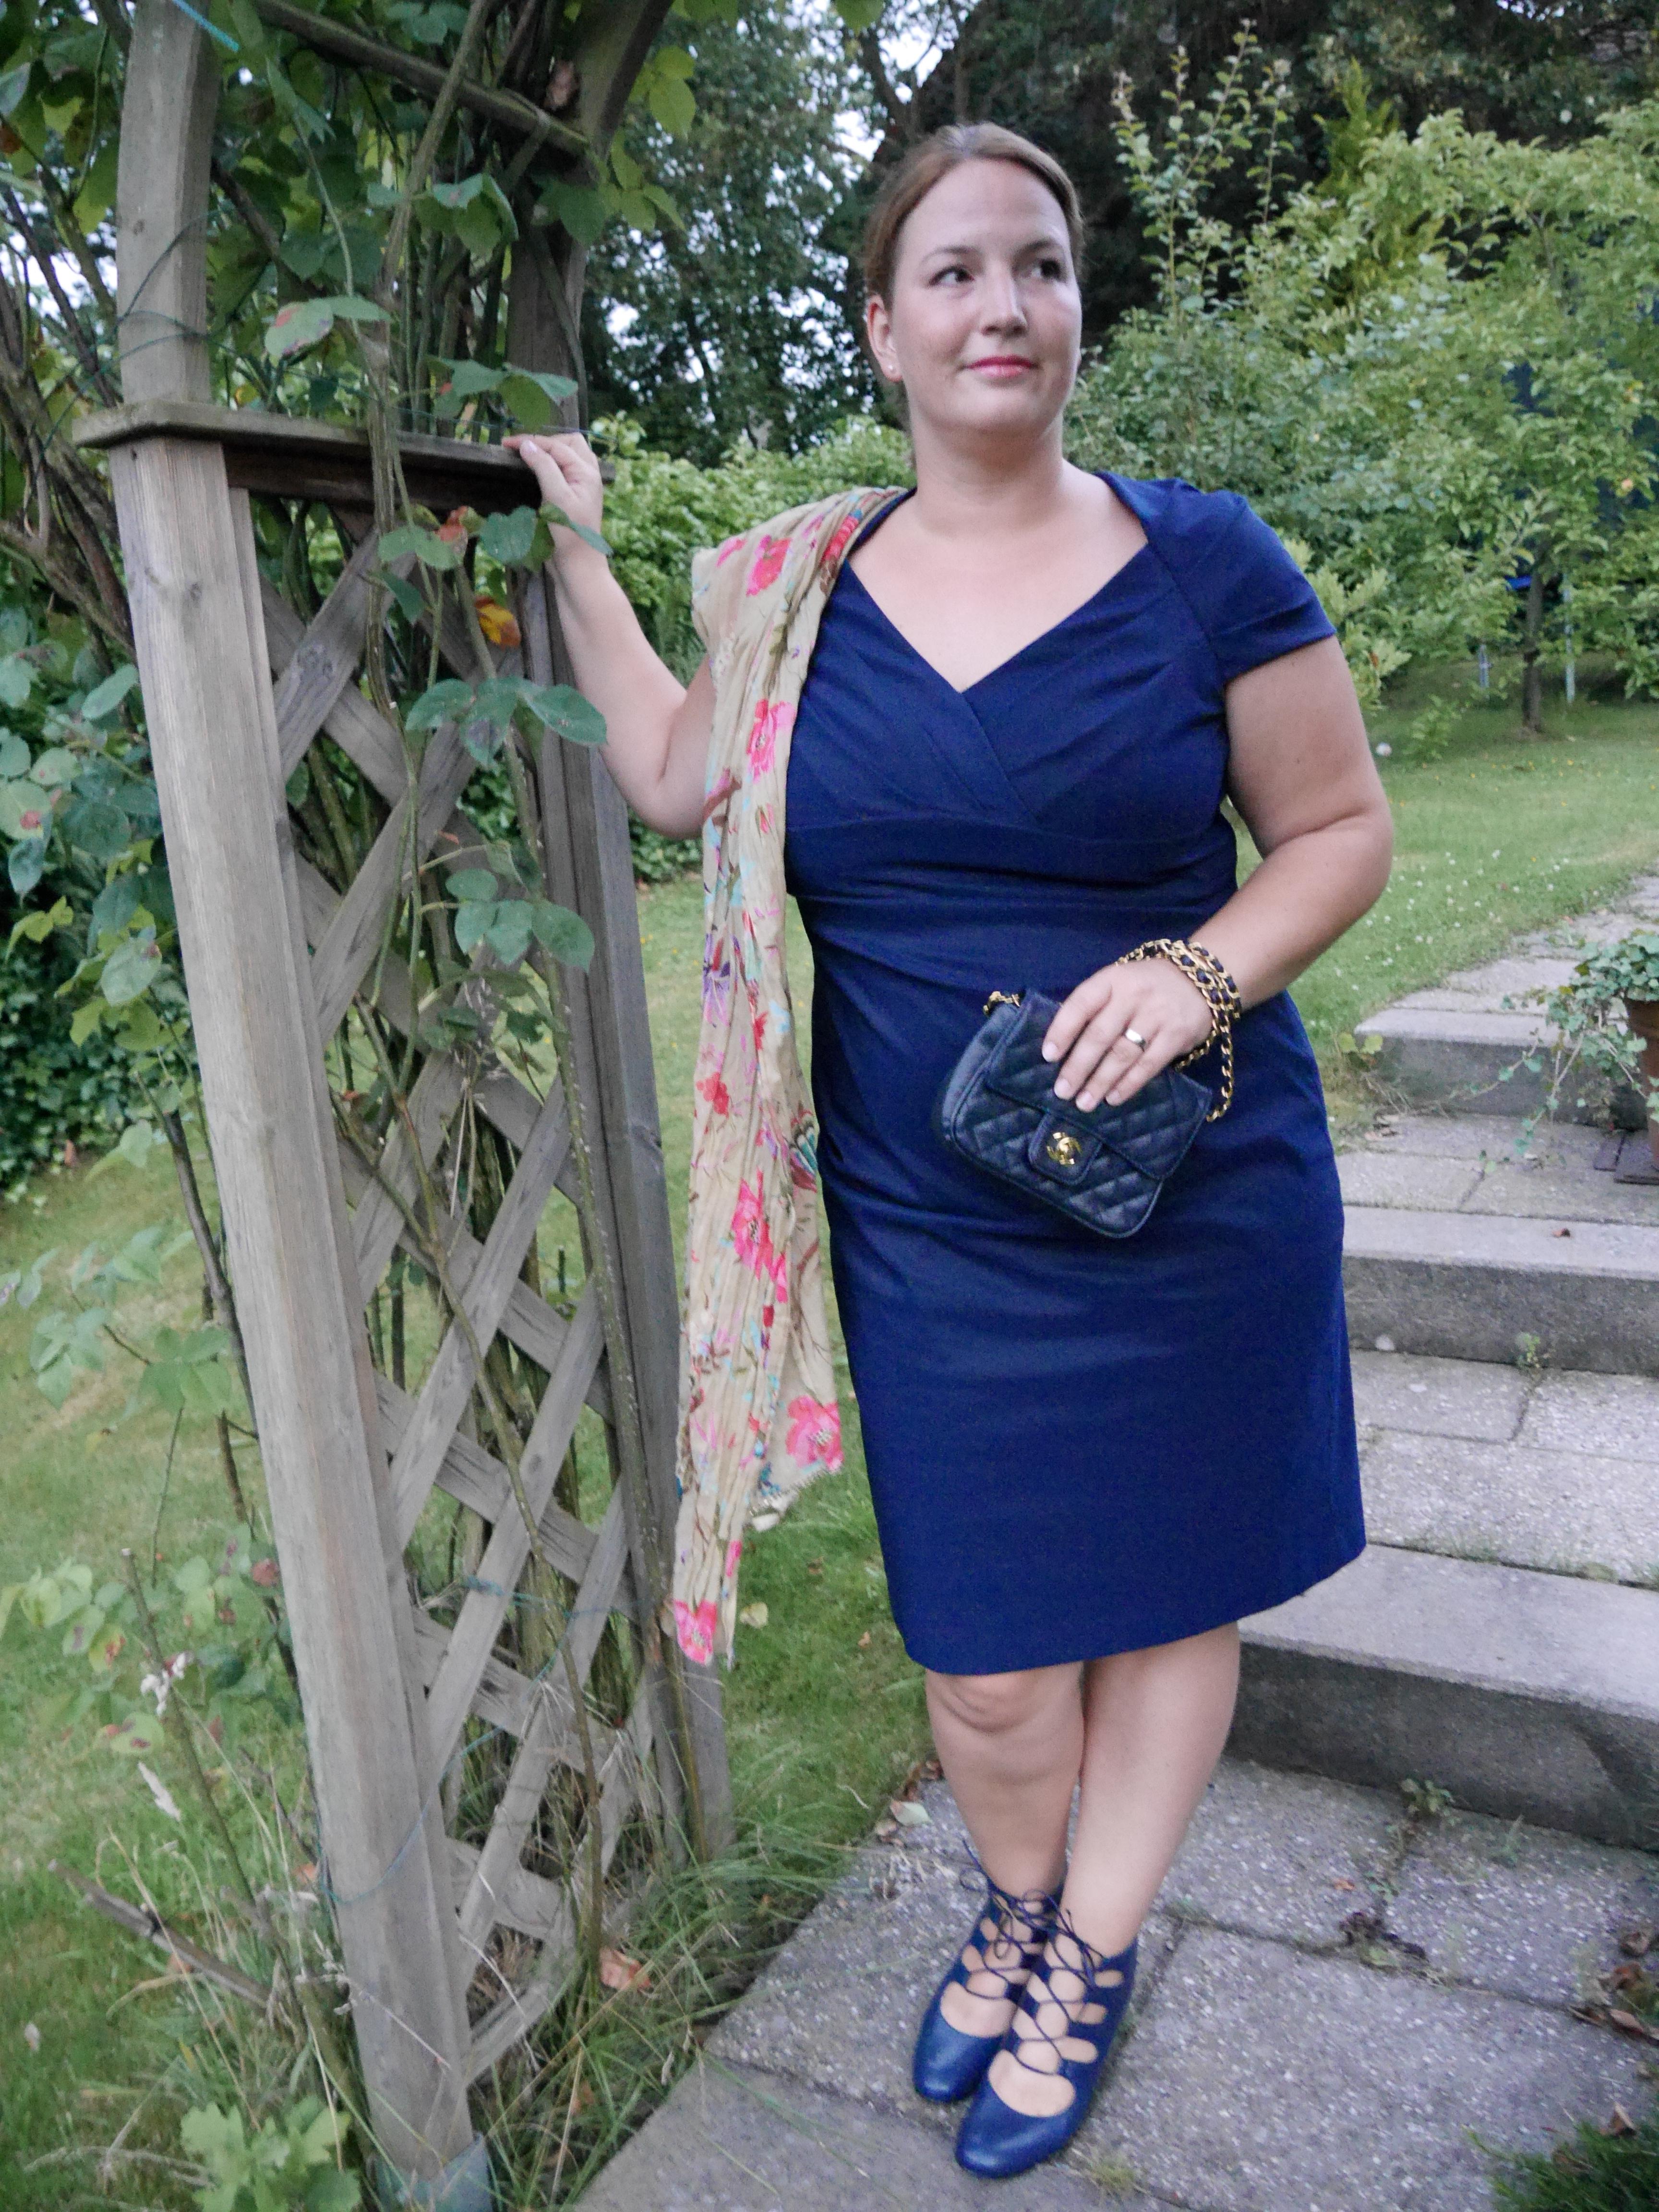 Wedding Guest Outfit - DAS blaue Kleid - INBETWEENIE MUST HAVES